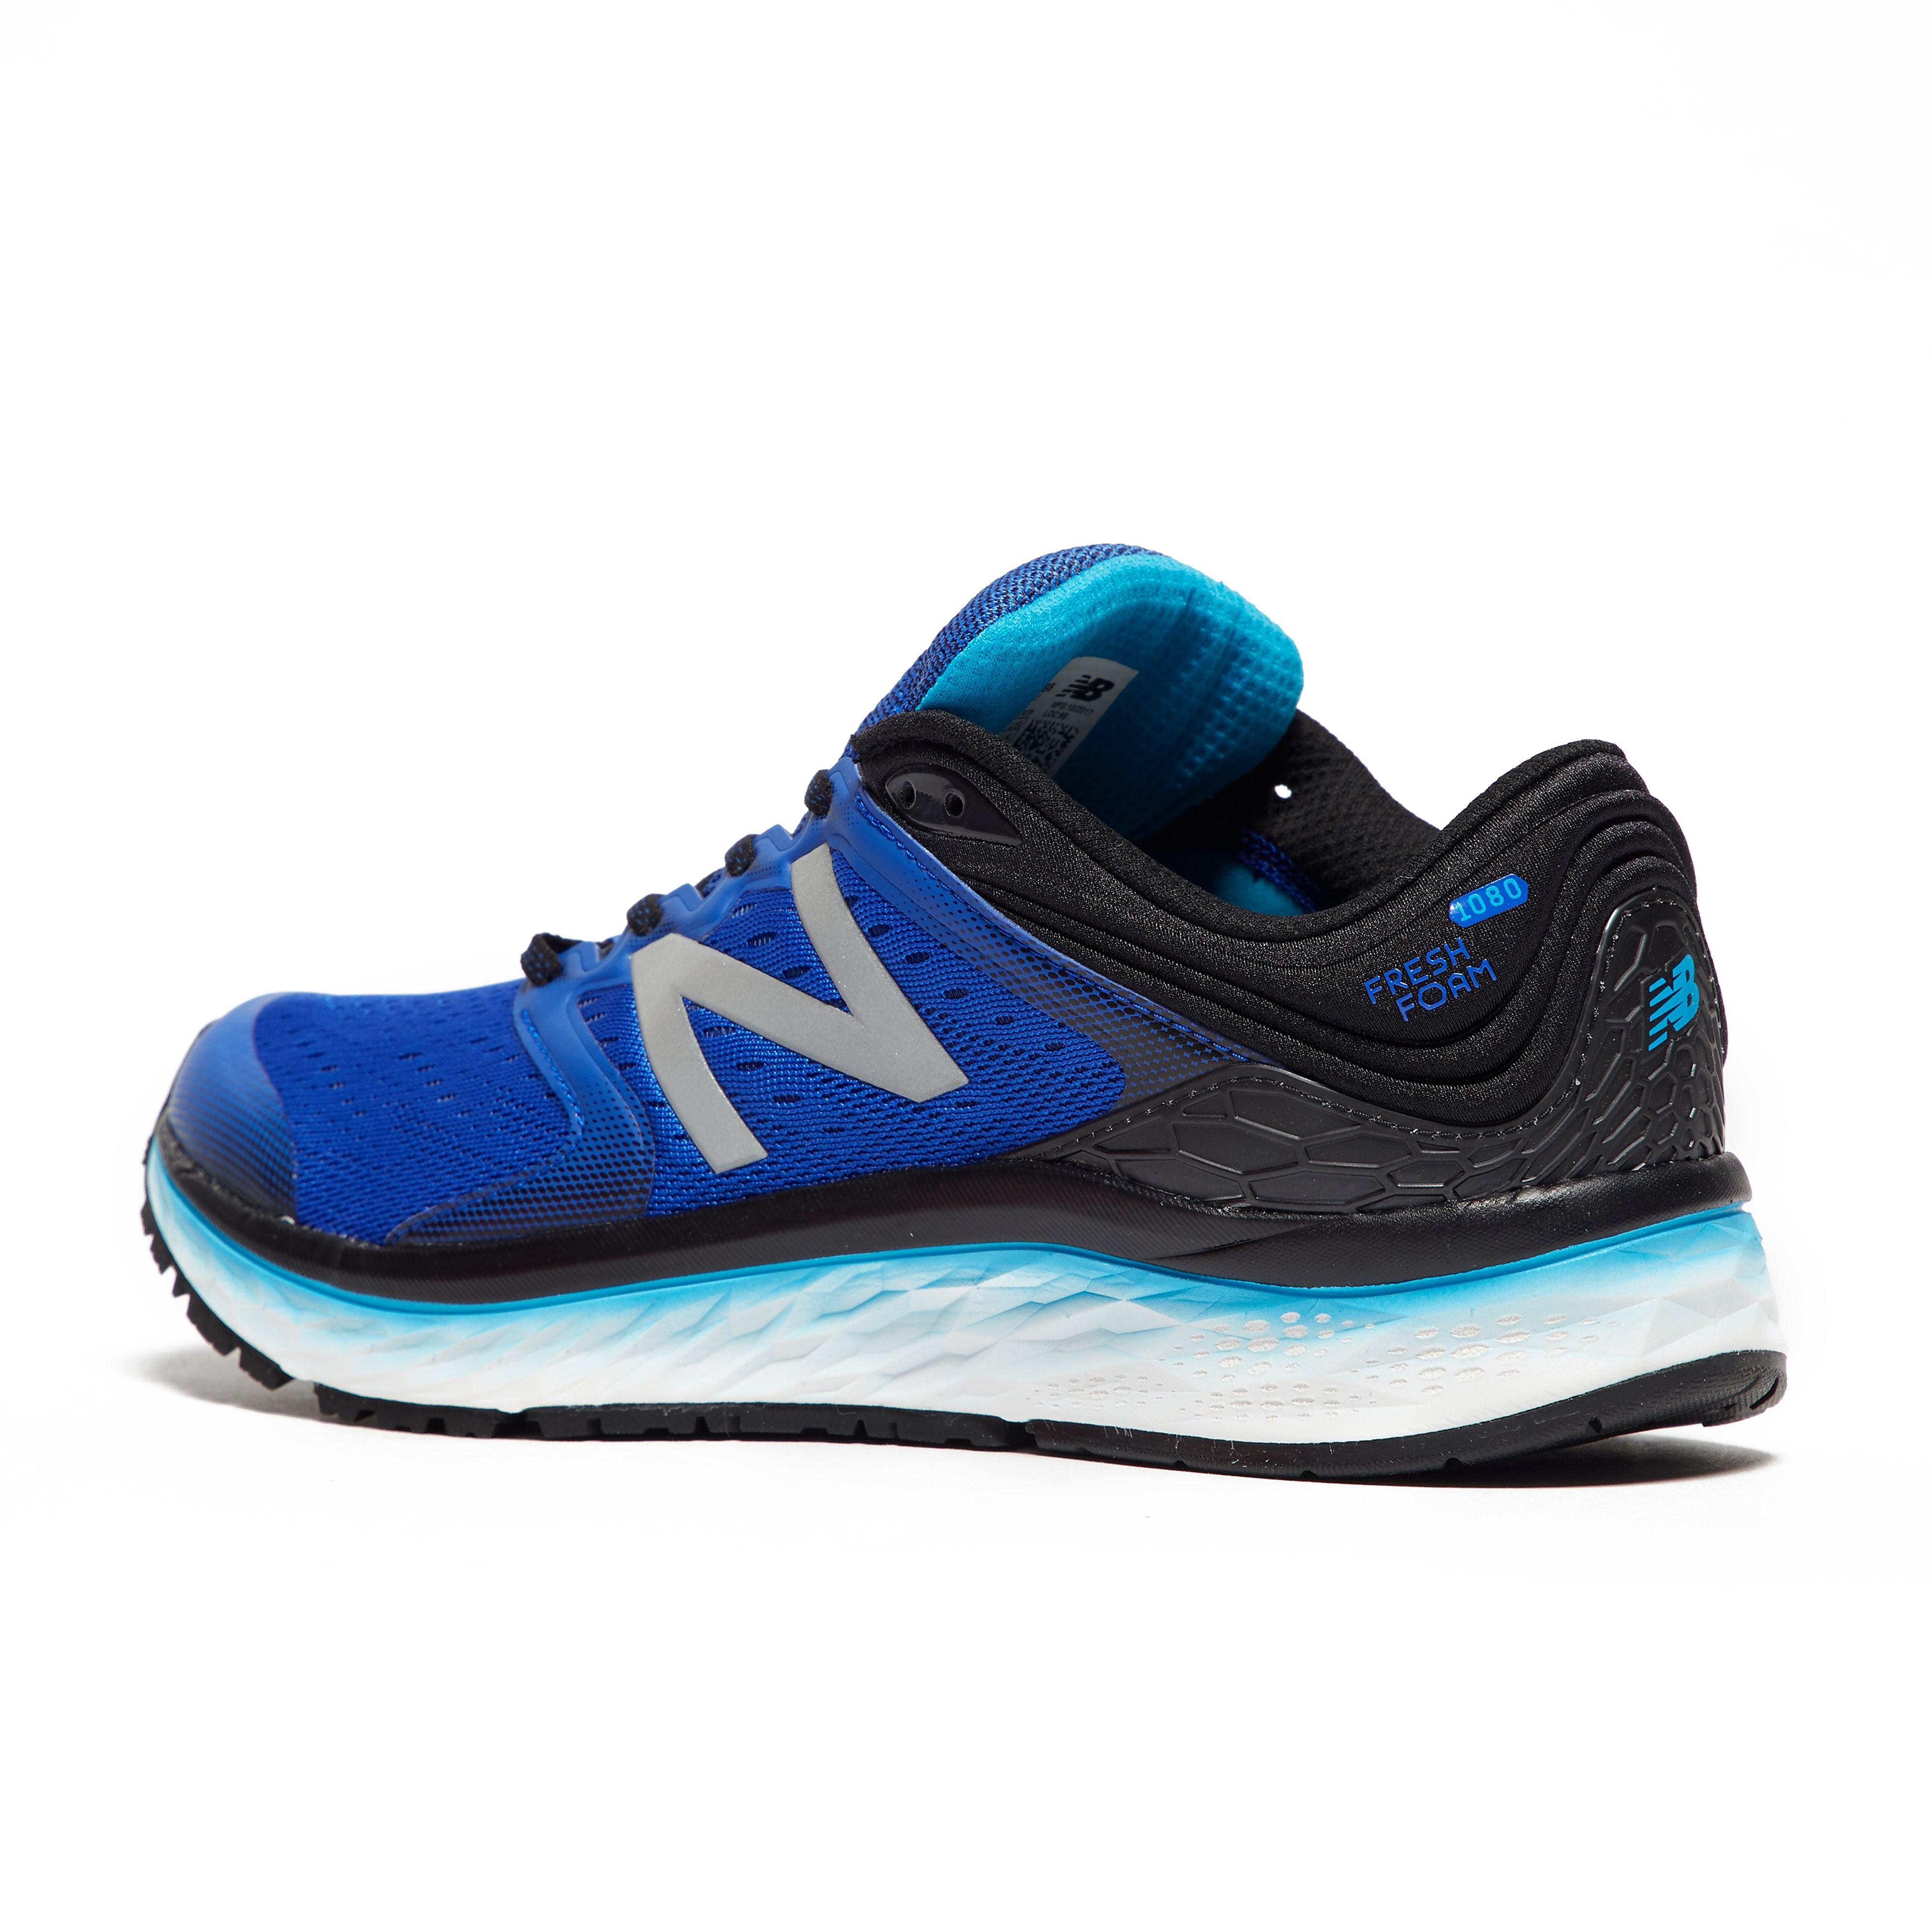 New Balance Fresh Foam 1080v8 Men's Running Shoes